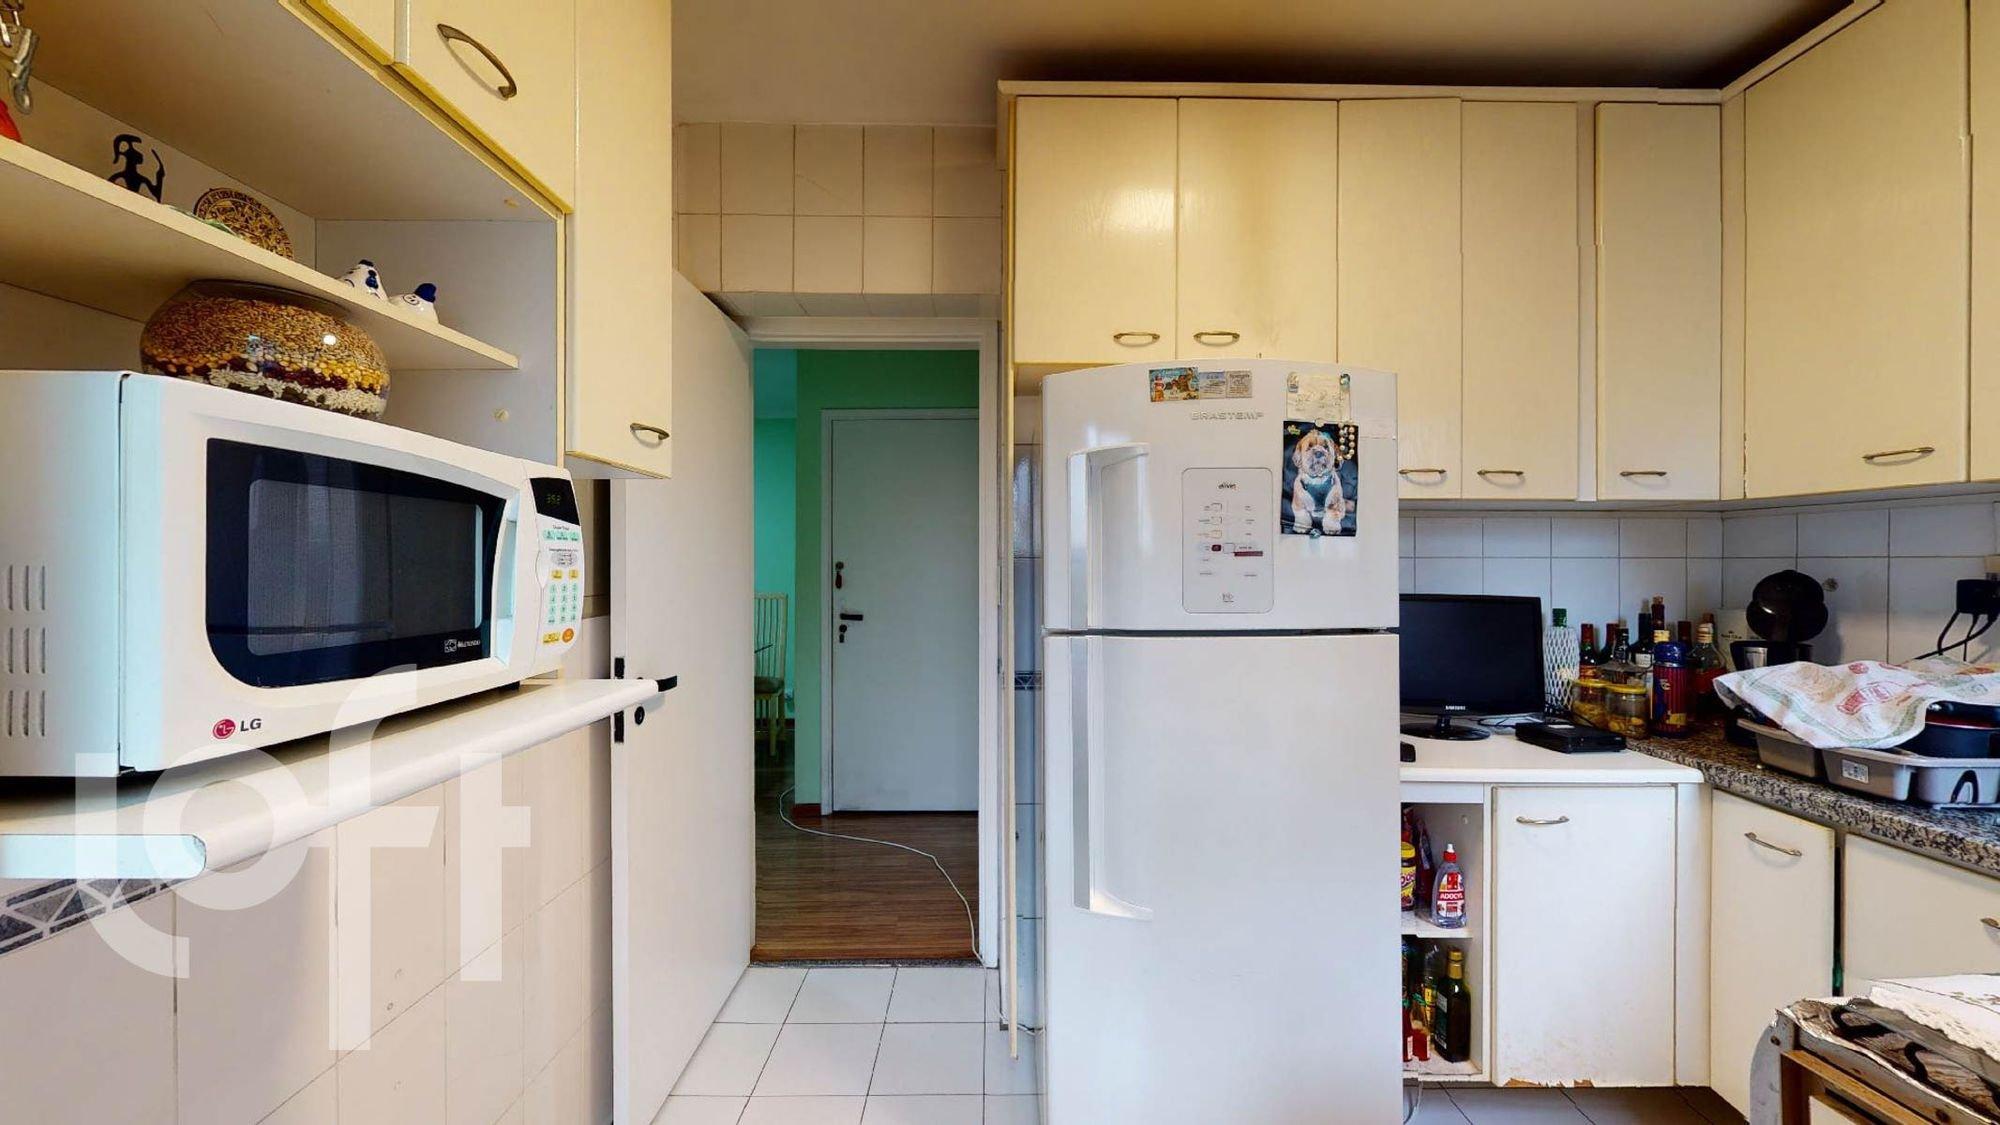 Foto de Cozinha com televisão, garrafa, geladeira, microondas